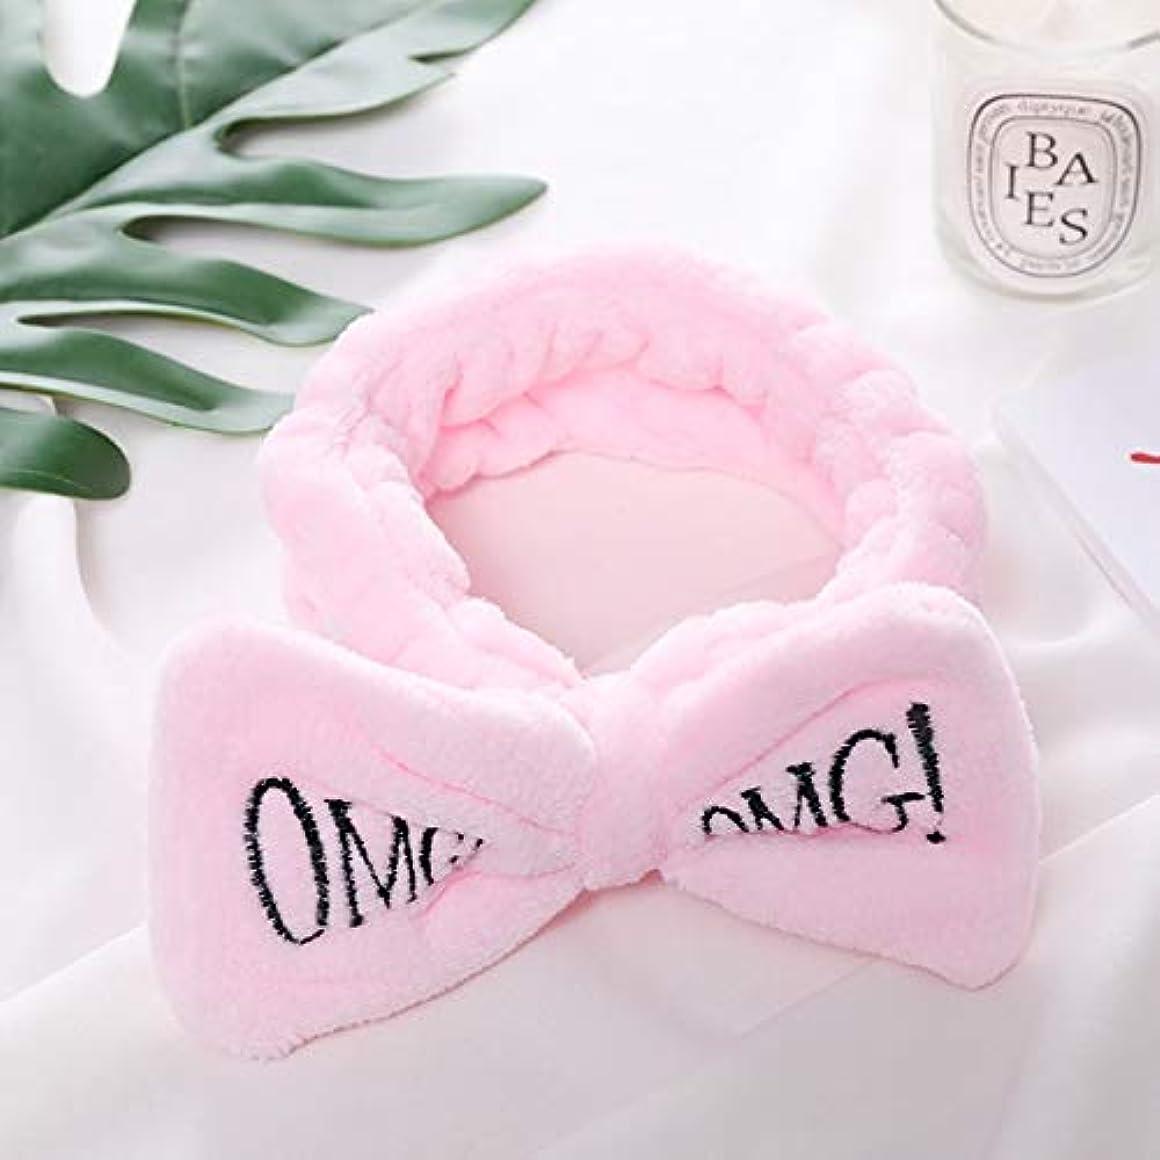 ジョガー会う印をつけるフラワーヘアピンFlowerHairpin YHM女性ニューレター「OMG」コーラルフリースソフトボウヘッドバンドかわいいヘアーホルダー帽子ヘアアクセサリー(ホワイト) (色 : ピンク)